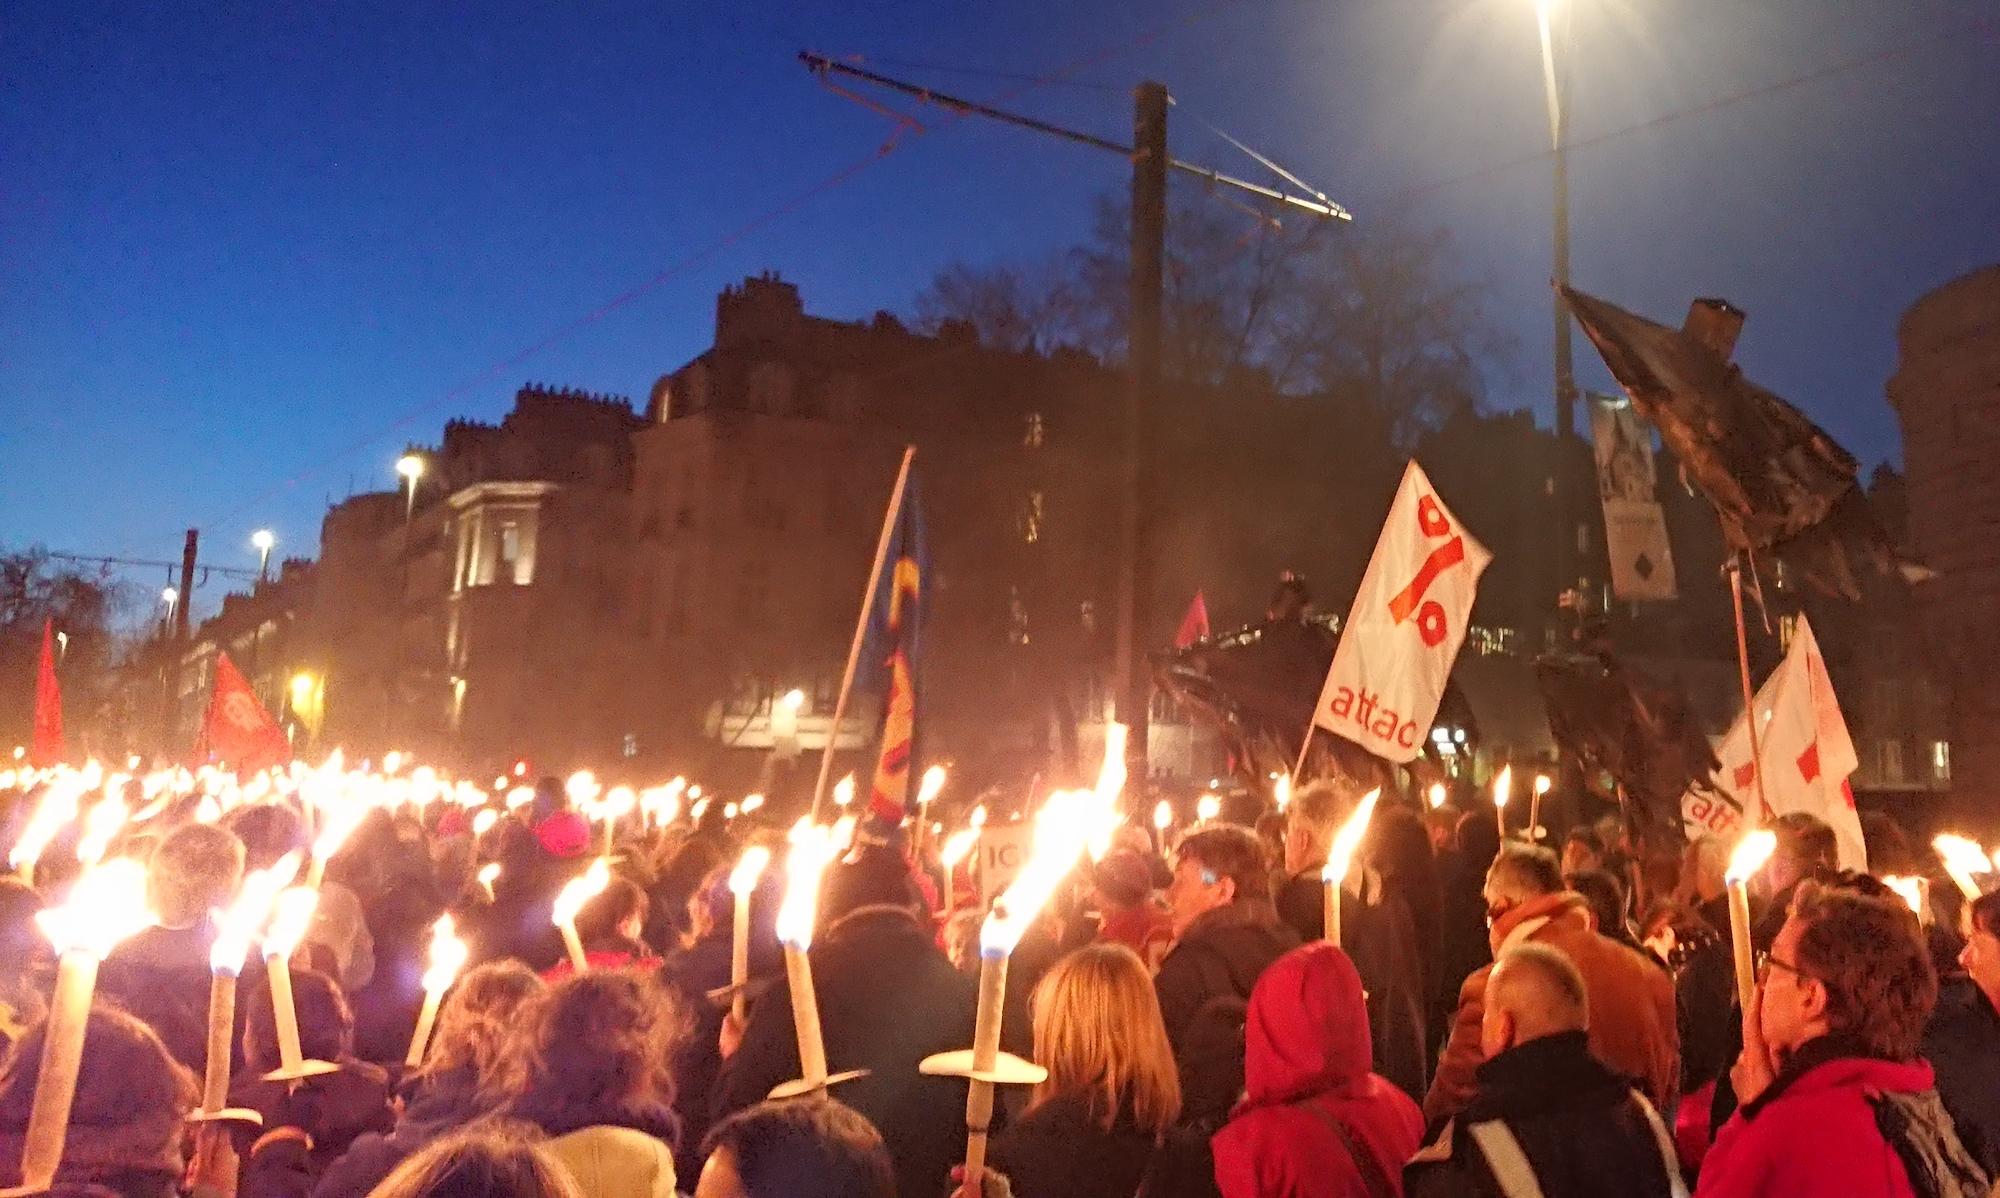 Retraite aux flambeaux contre le projet de réforme des retaites du gouvernement, le 15 janvier 2020 à Nantes